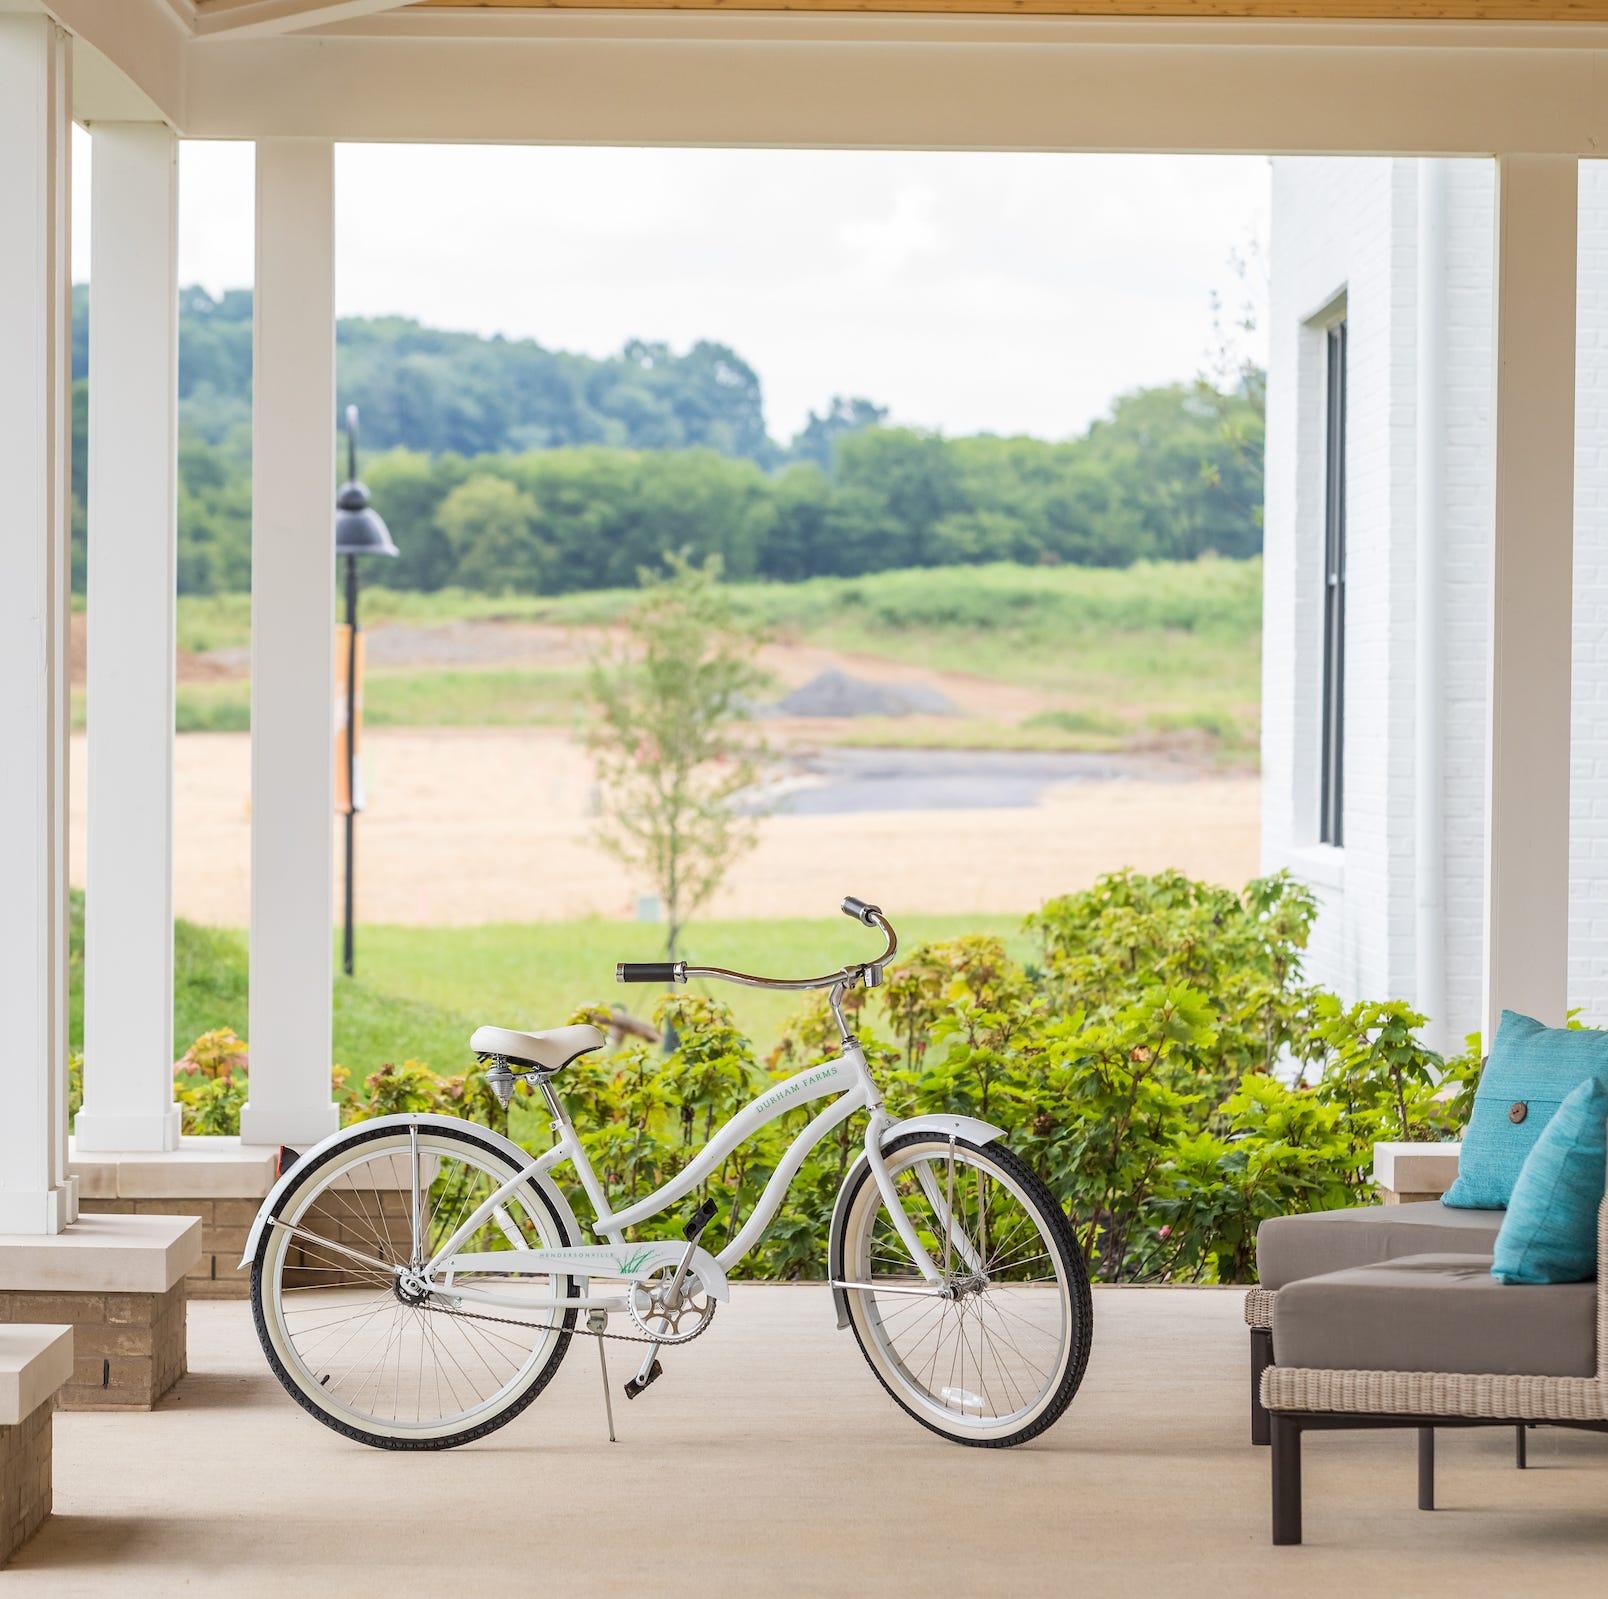 Real estate: New neighborhoods keep focus on 'neighbors'